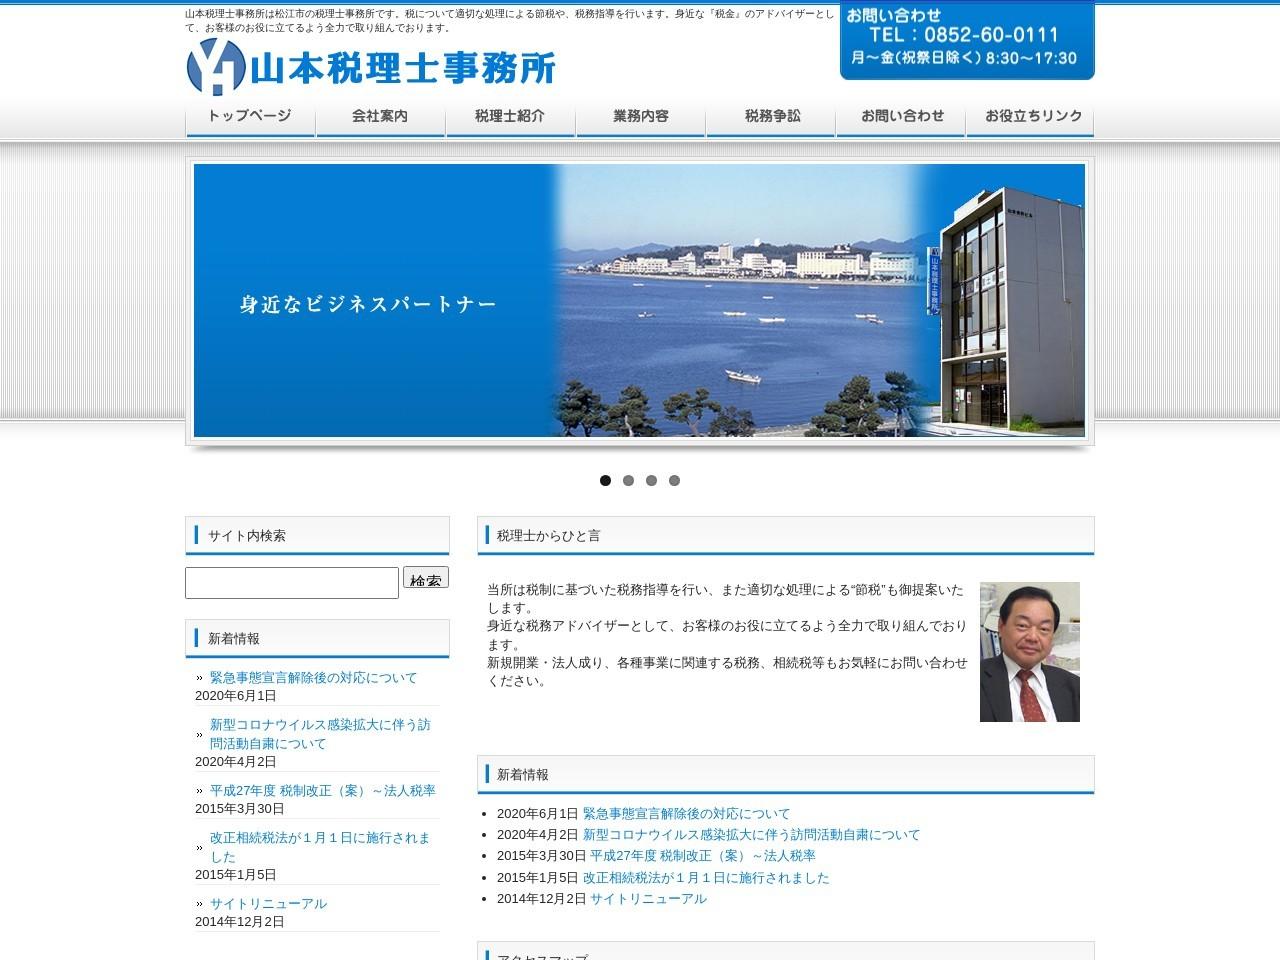 山本秀夫税理士事務所